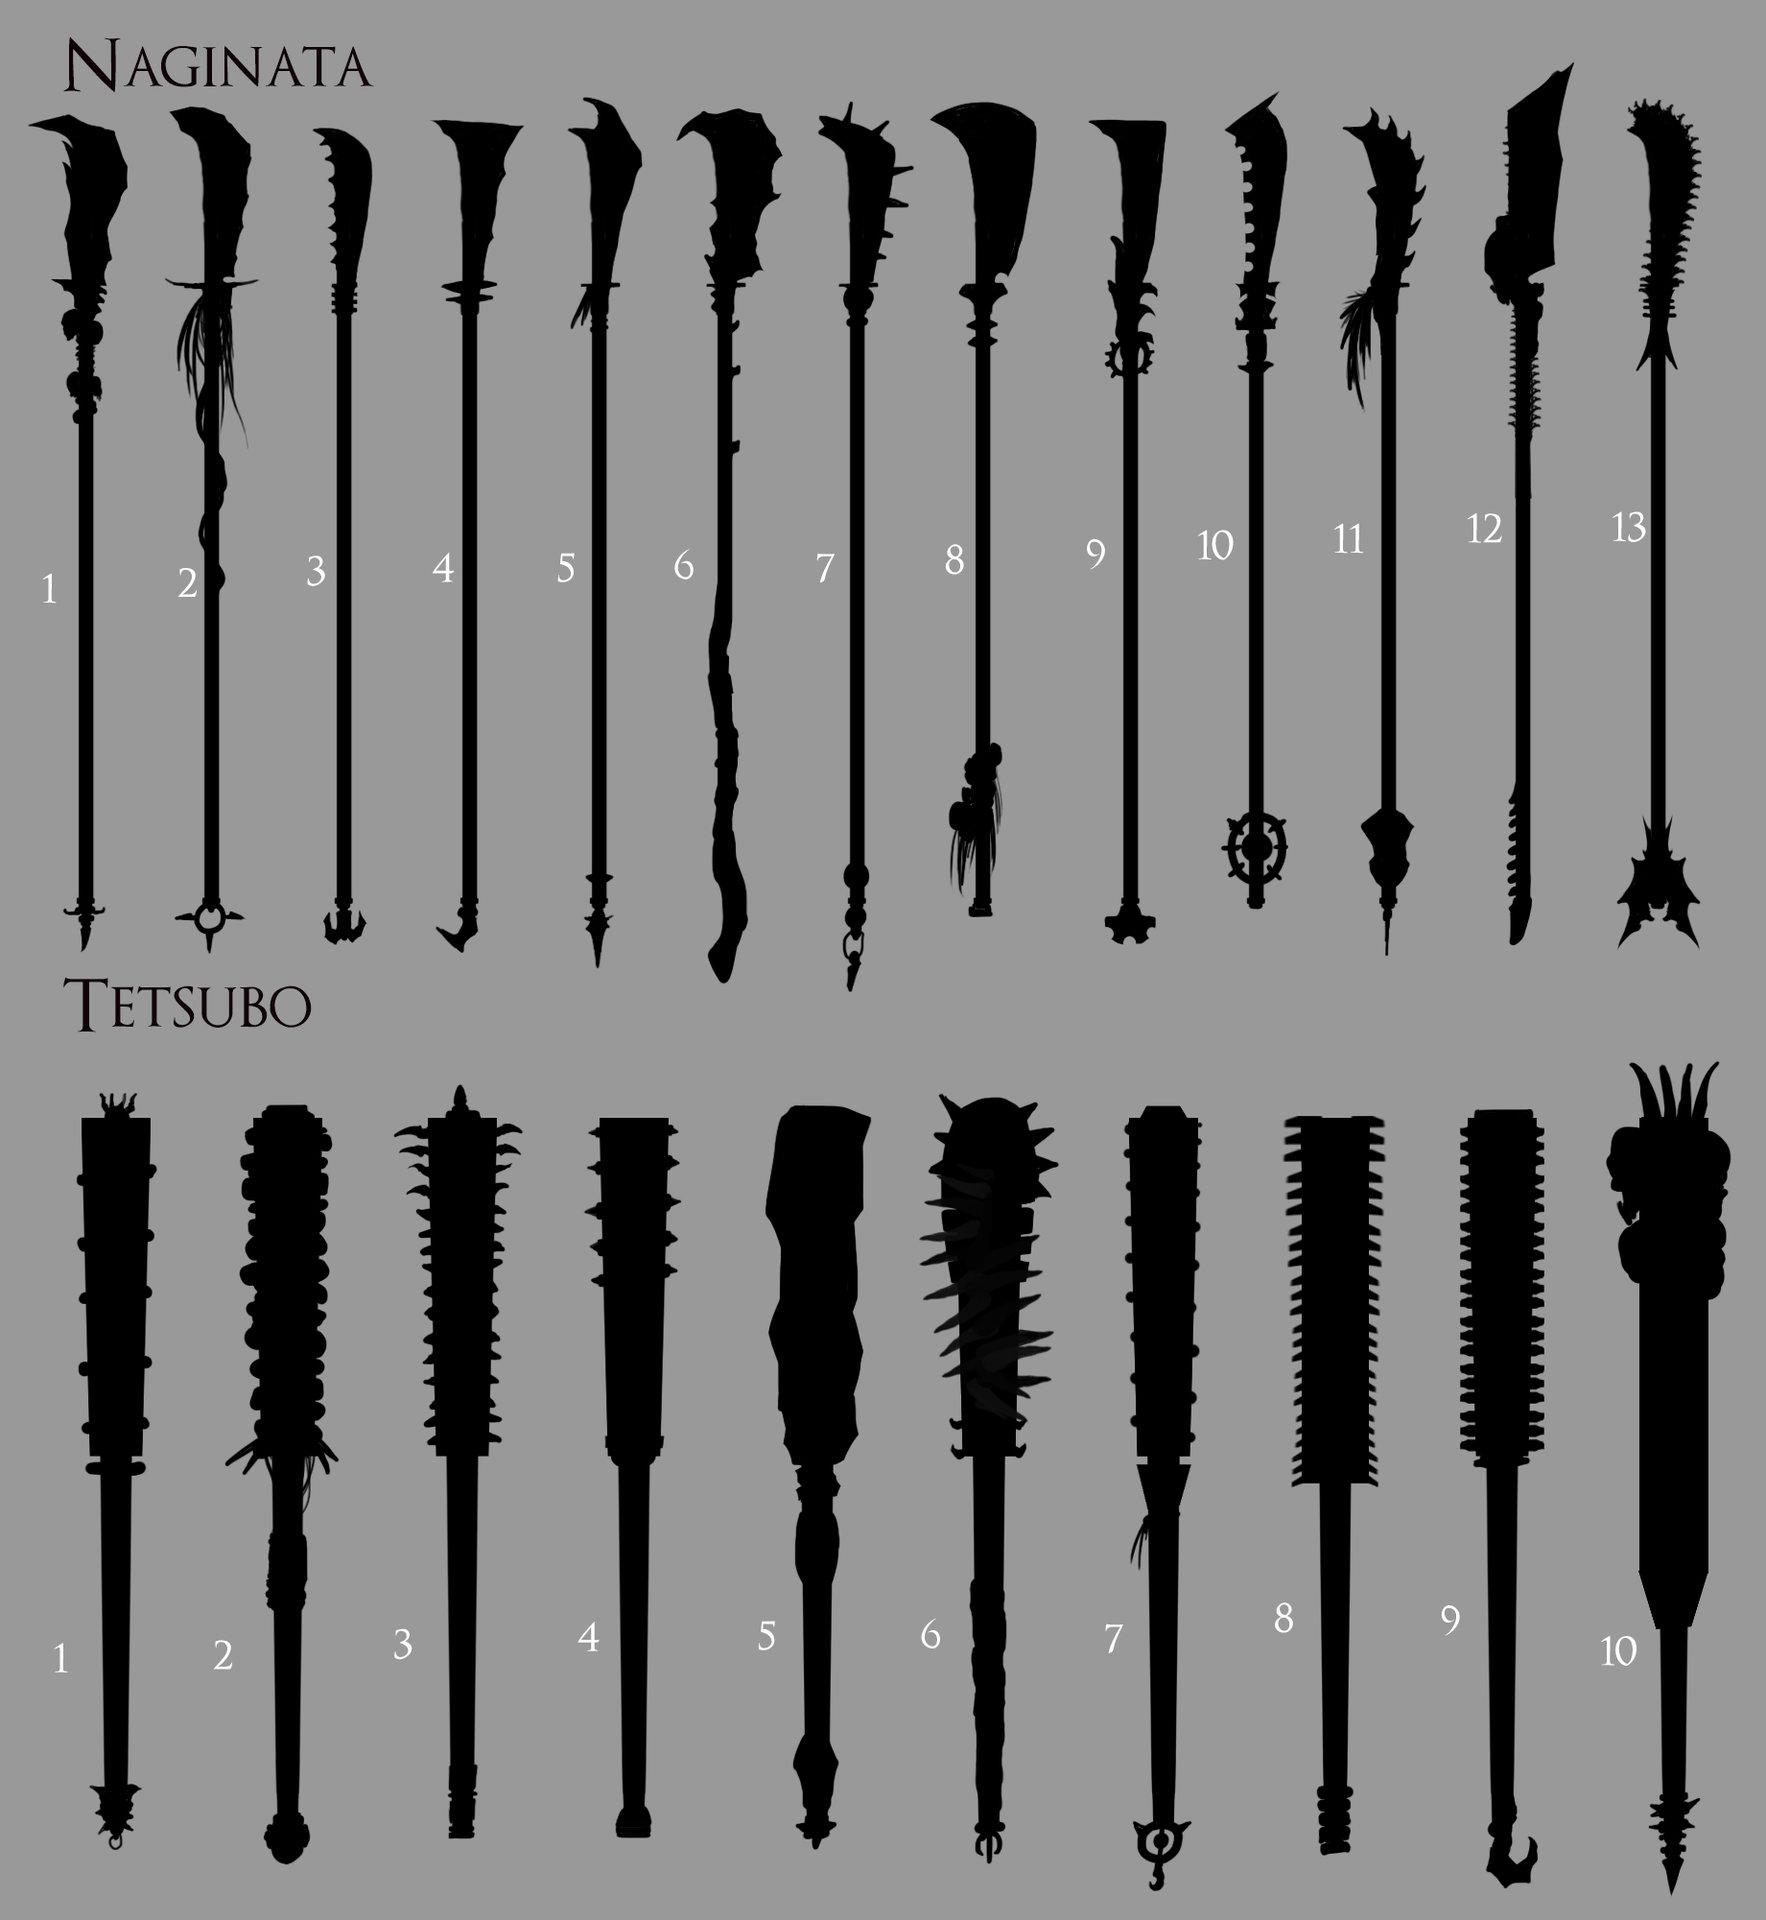 Chenthooran nambiarooran weapons 2